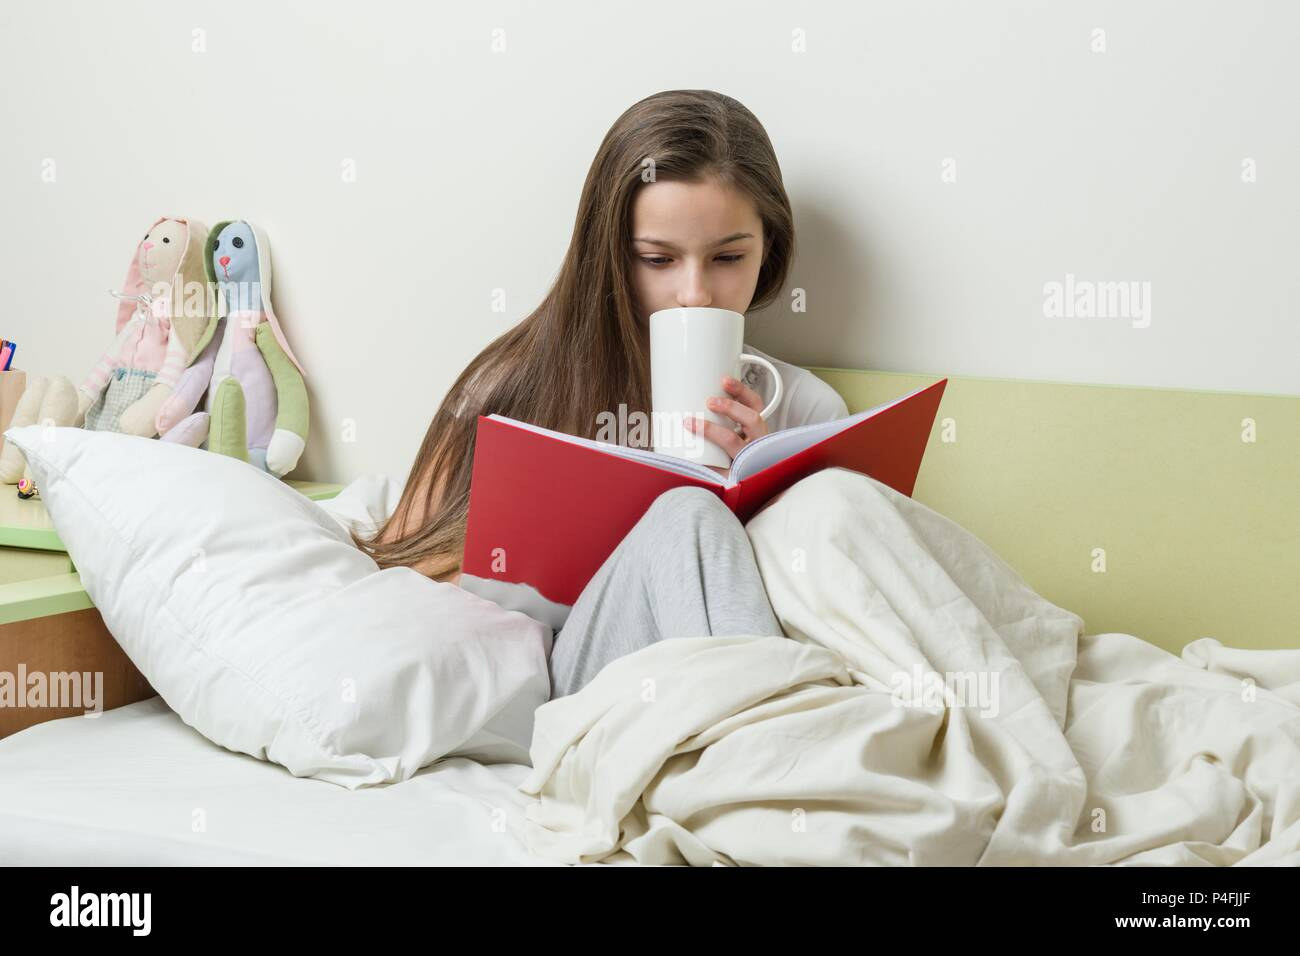 Jeune Fille De 10 Ans En Pyjama Se Lit Livre Et Est